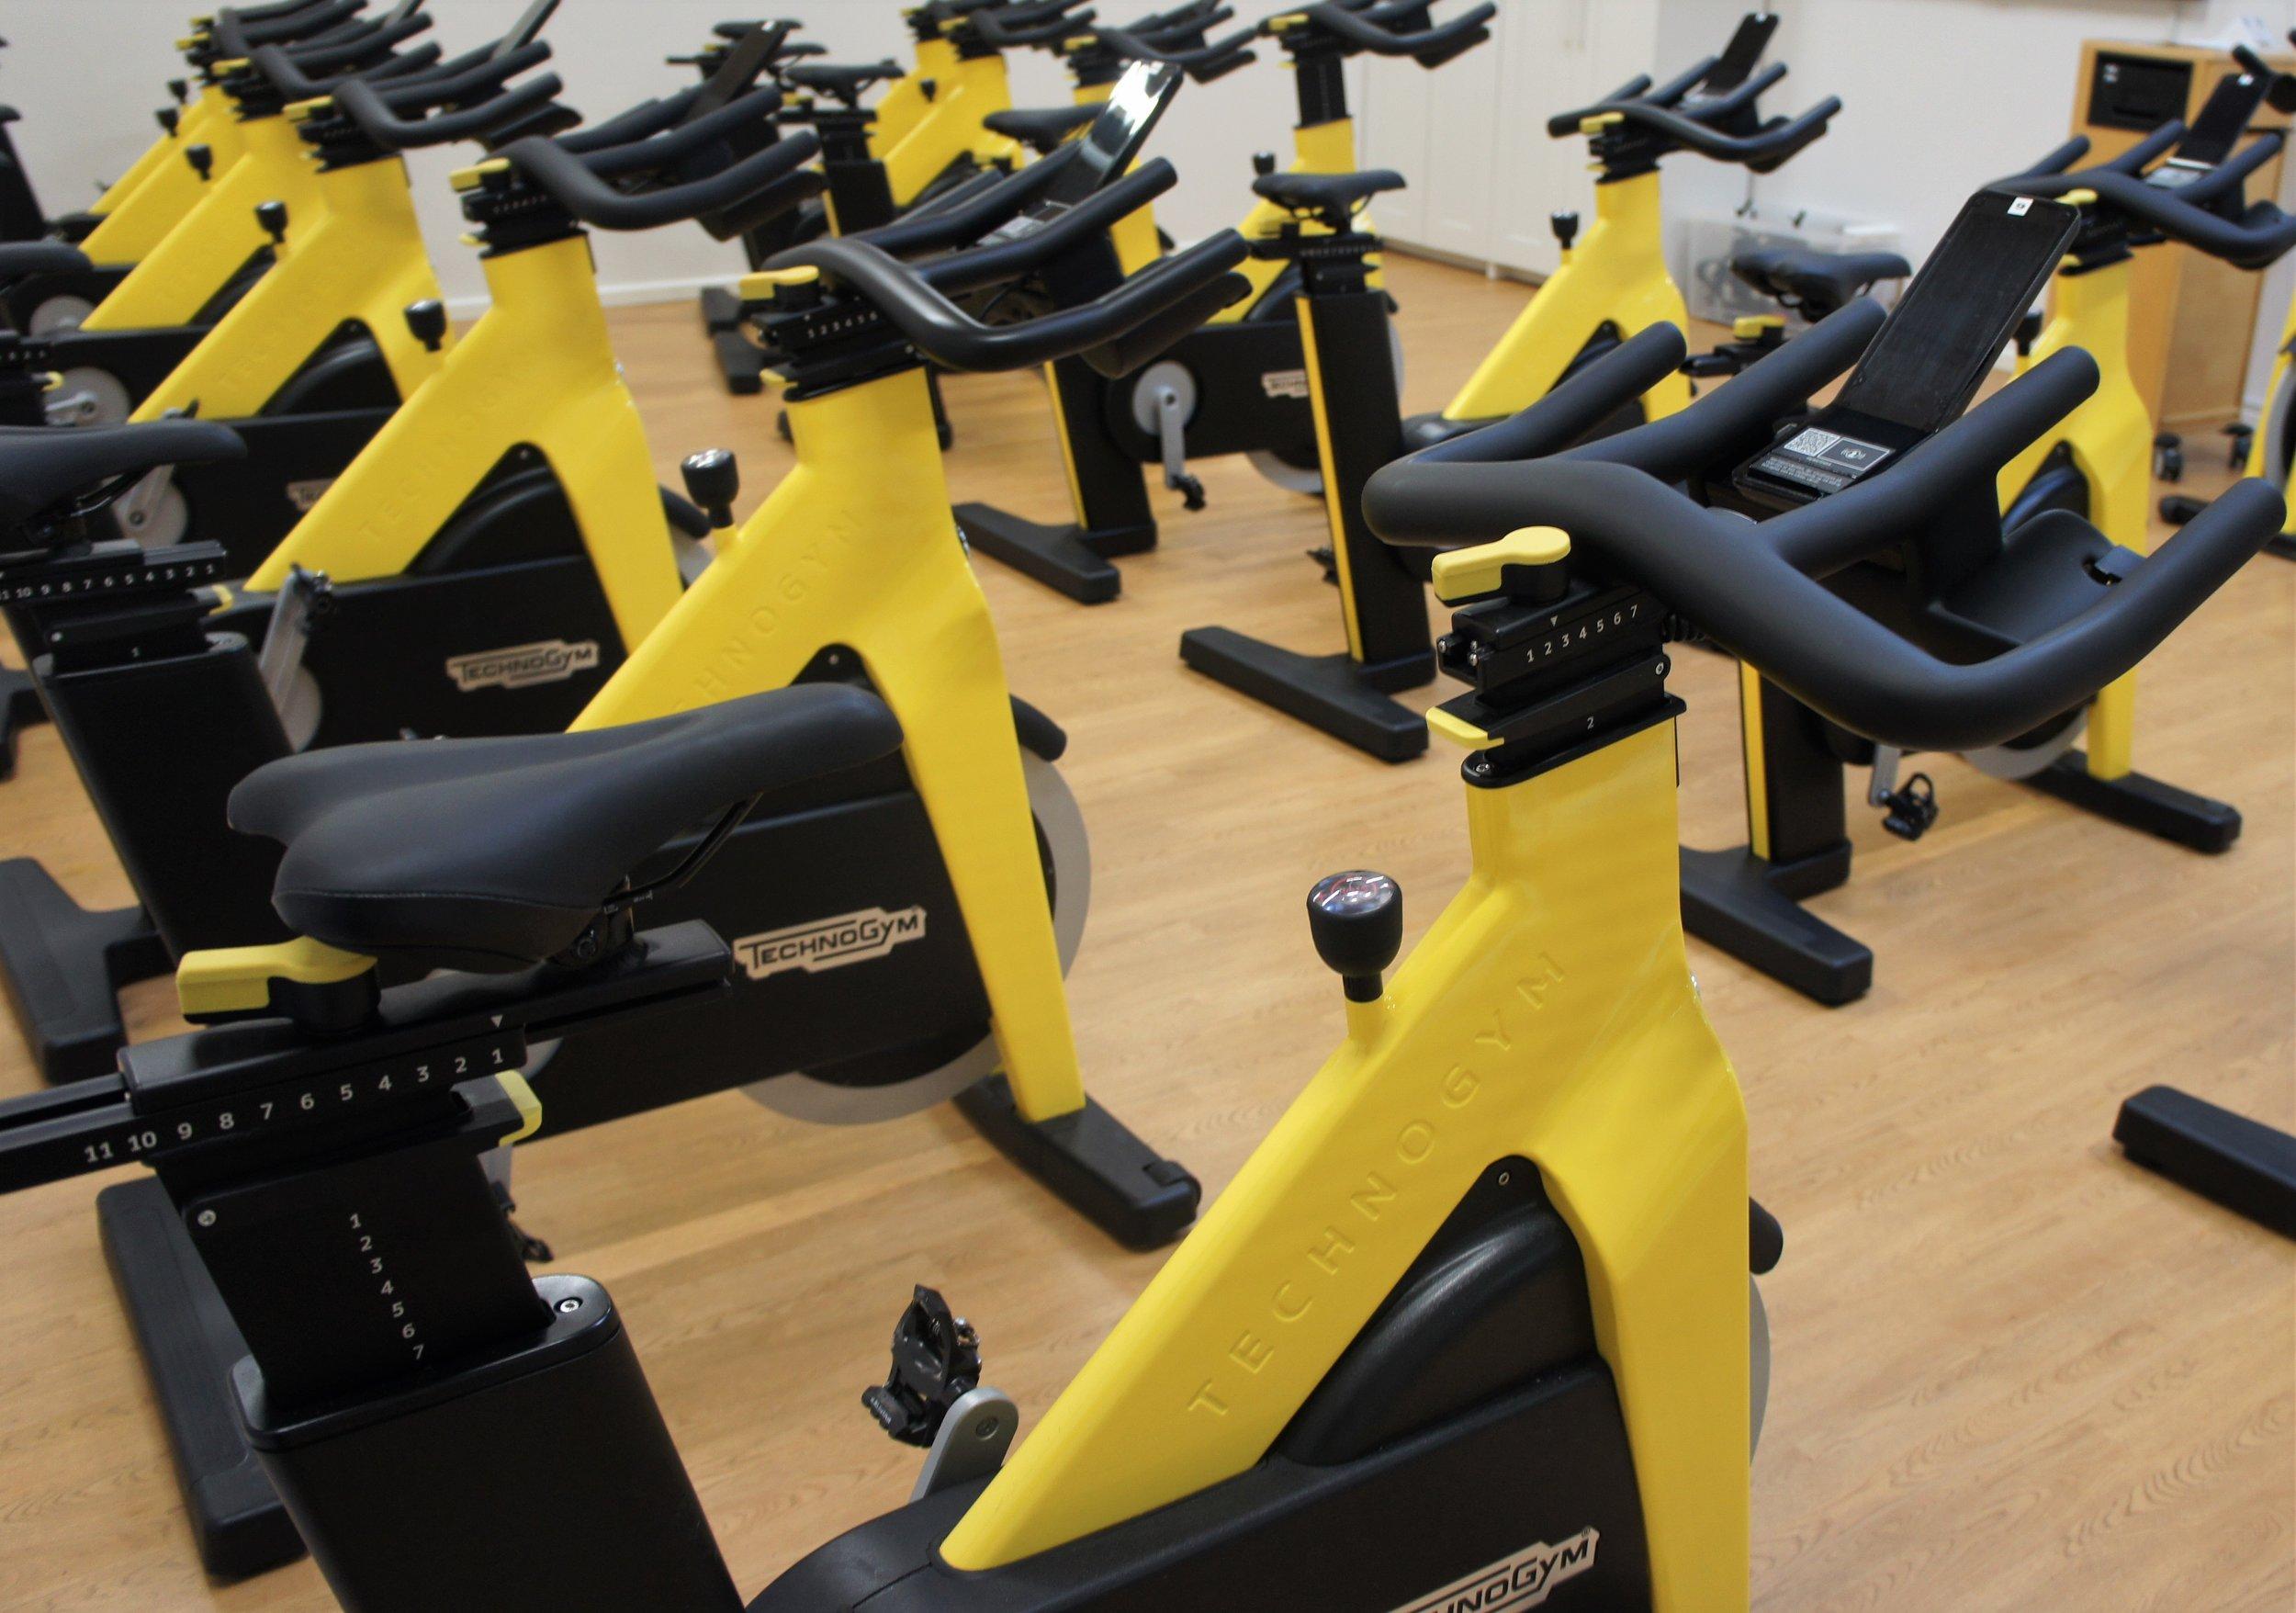 Spinning med jesper - Spinning er cykling til musik på en stationær cykel. Intensiteten styres gennem ændring i belastning, temposkift samt stående og siddende kørsel. Spinning er effektivt for konditionen og forbrændingen, uden at stille krav til koordinationsevnen. En sjov og inspirerende motionsform for dig, der vil forbedre din udholdenhed og øge din forbrænding. Jeg glæder mig til at se dig på mit hold